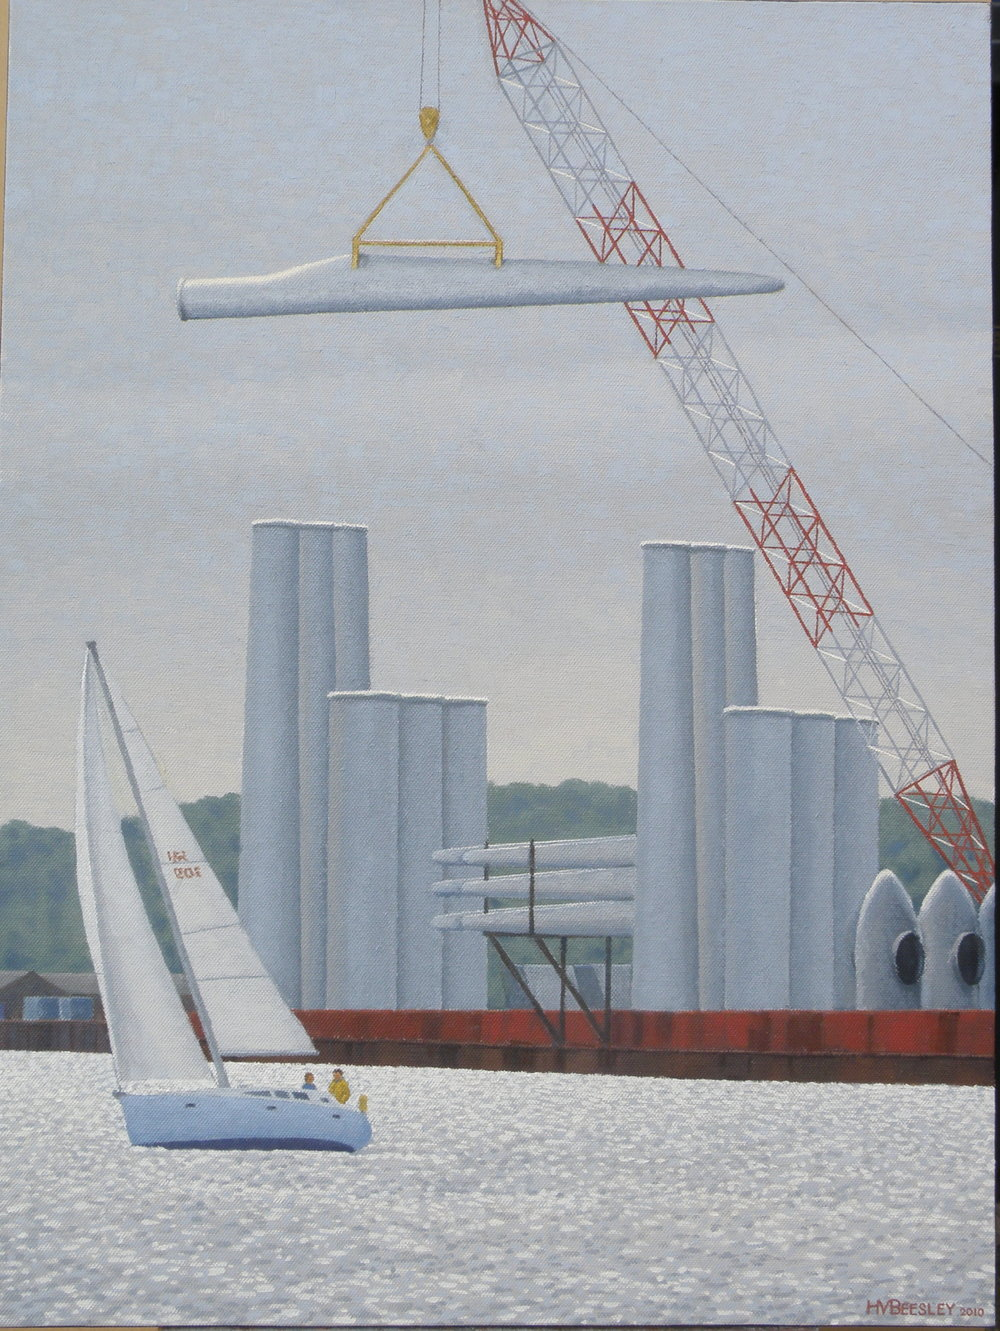 Wind Turbine 30